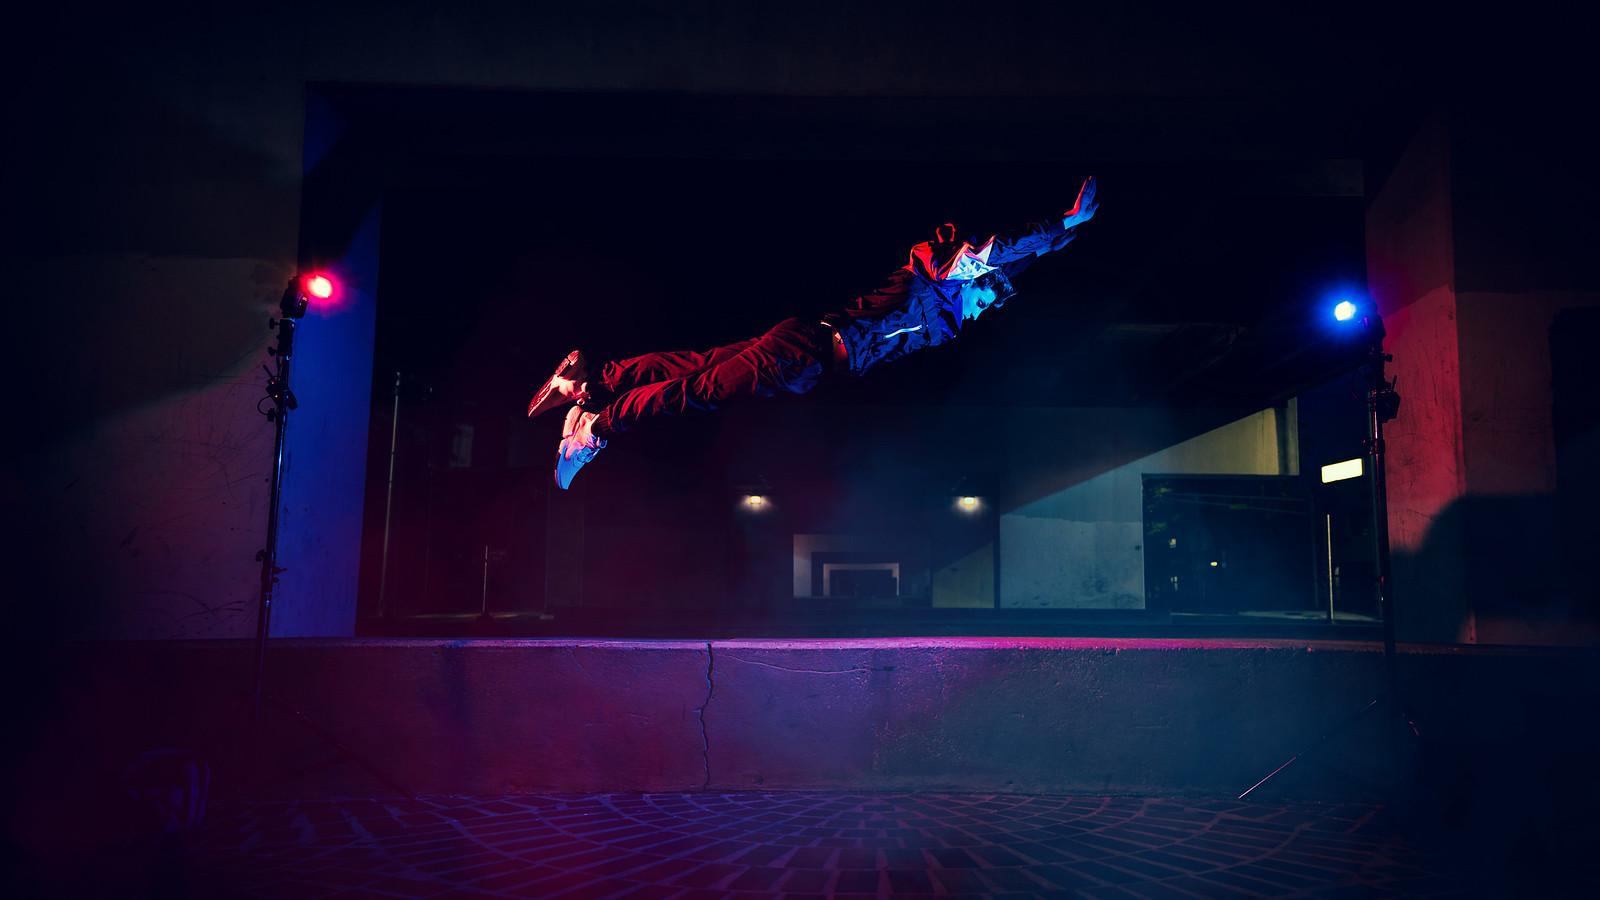 adam-szarmack-jacksonville-dance-photography-6B.jpg